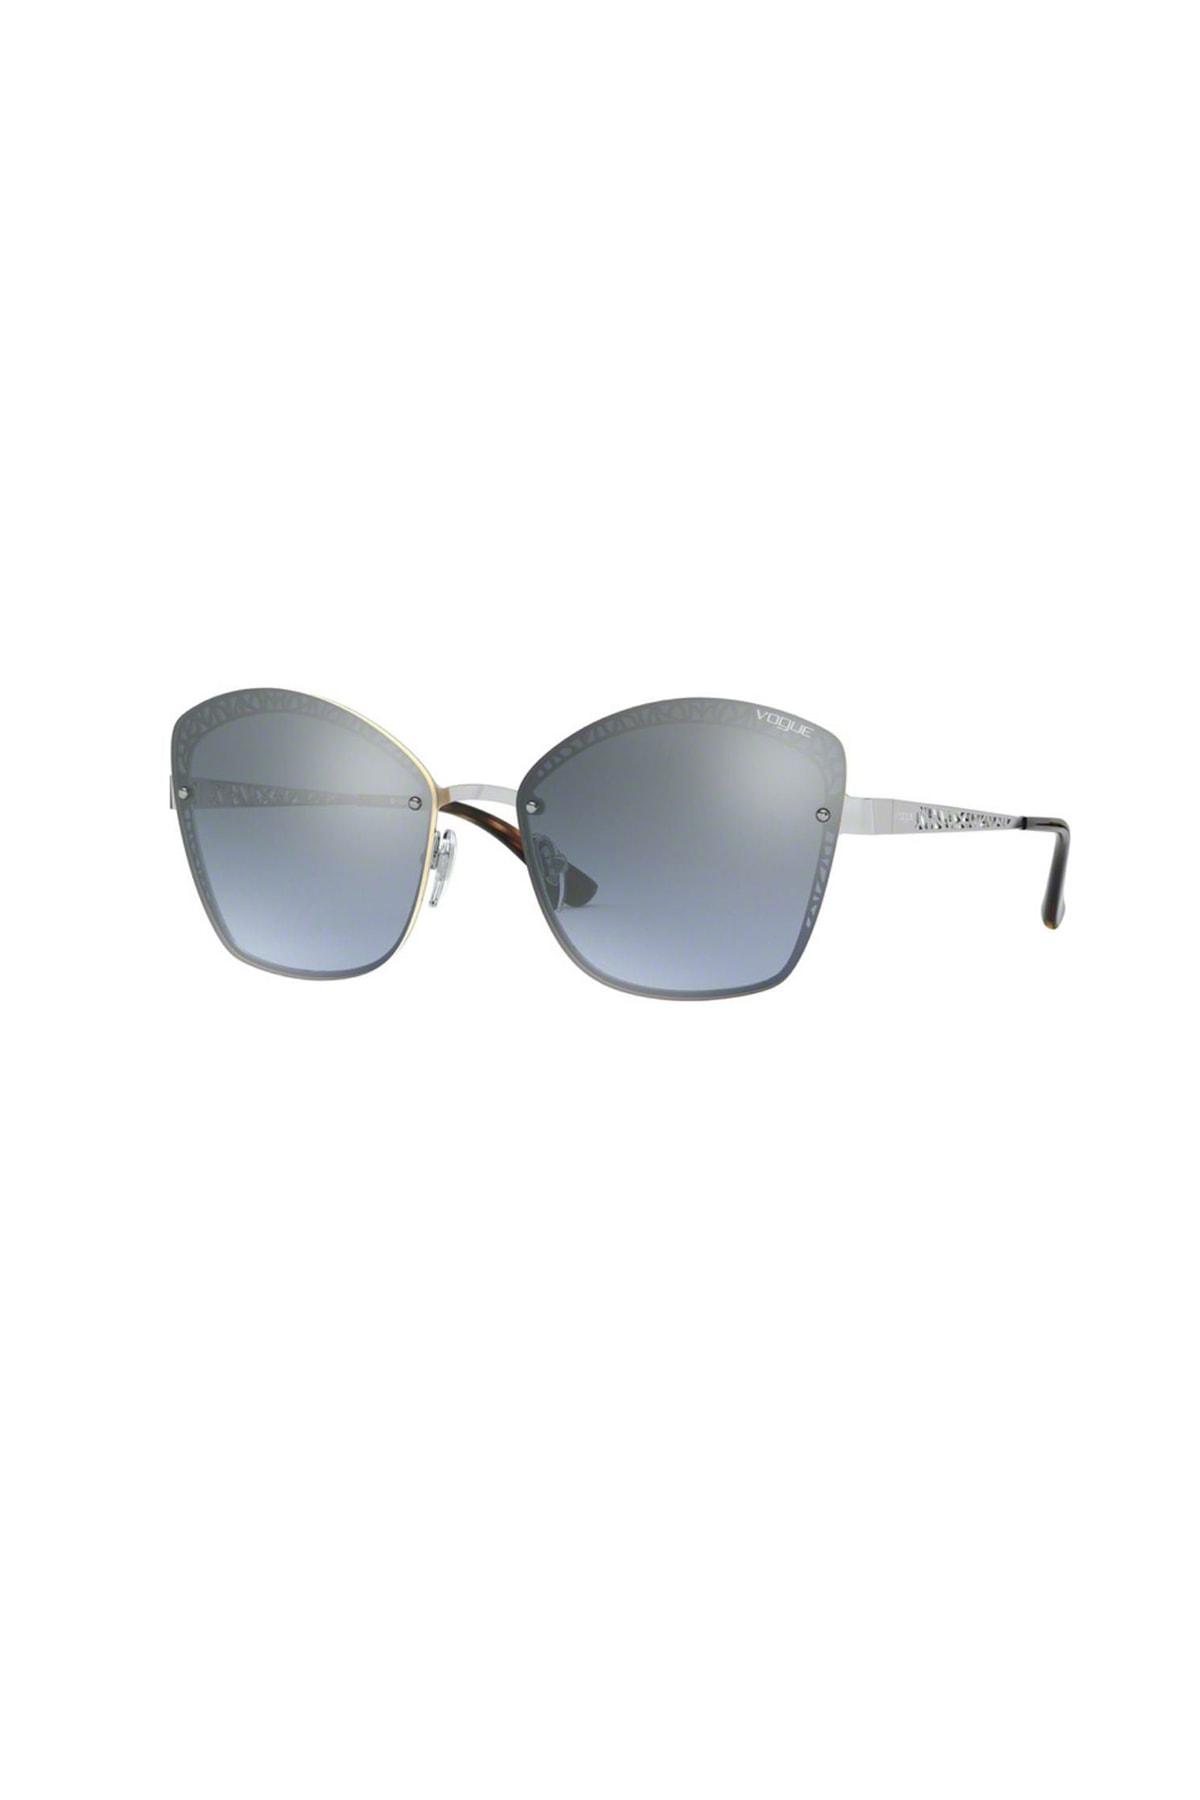 Vogue Kadın Güneş Gözlüğü 8056597125932